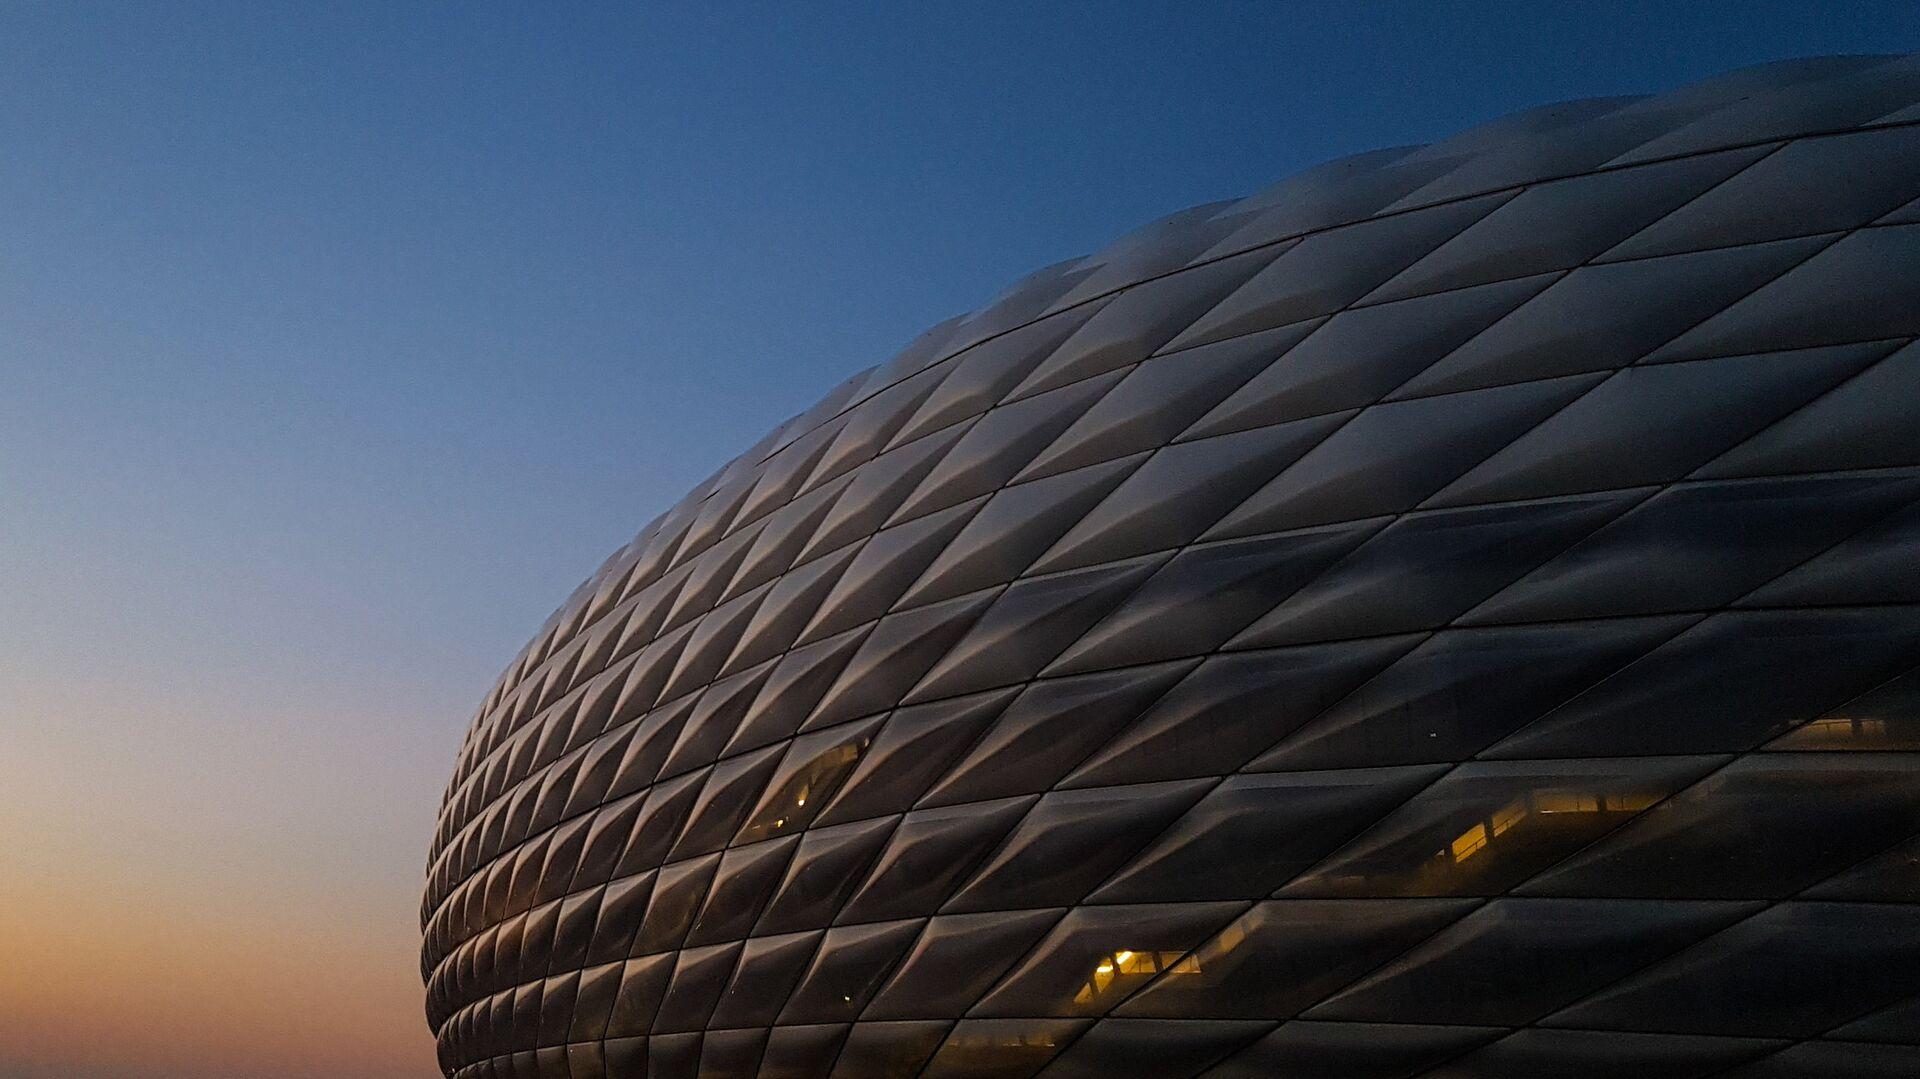 Стадион ЕВРО-2020 в Мюнхене - РИА Новости, 1920, 22.06.2021